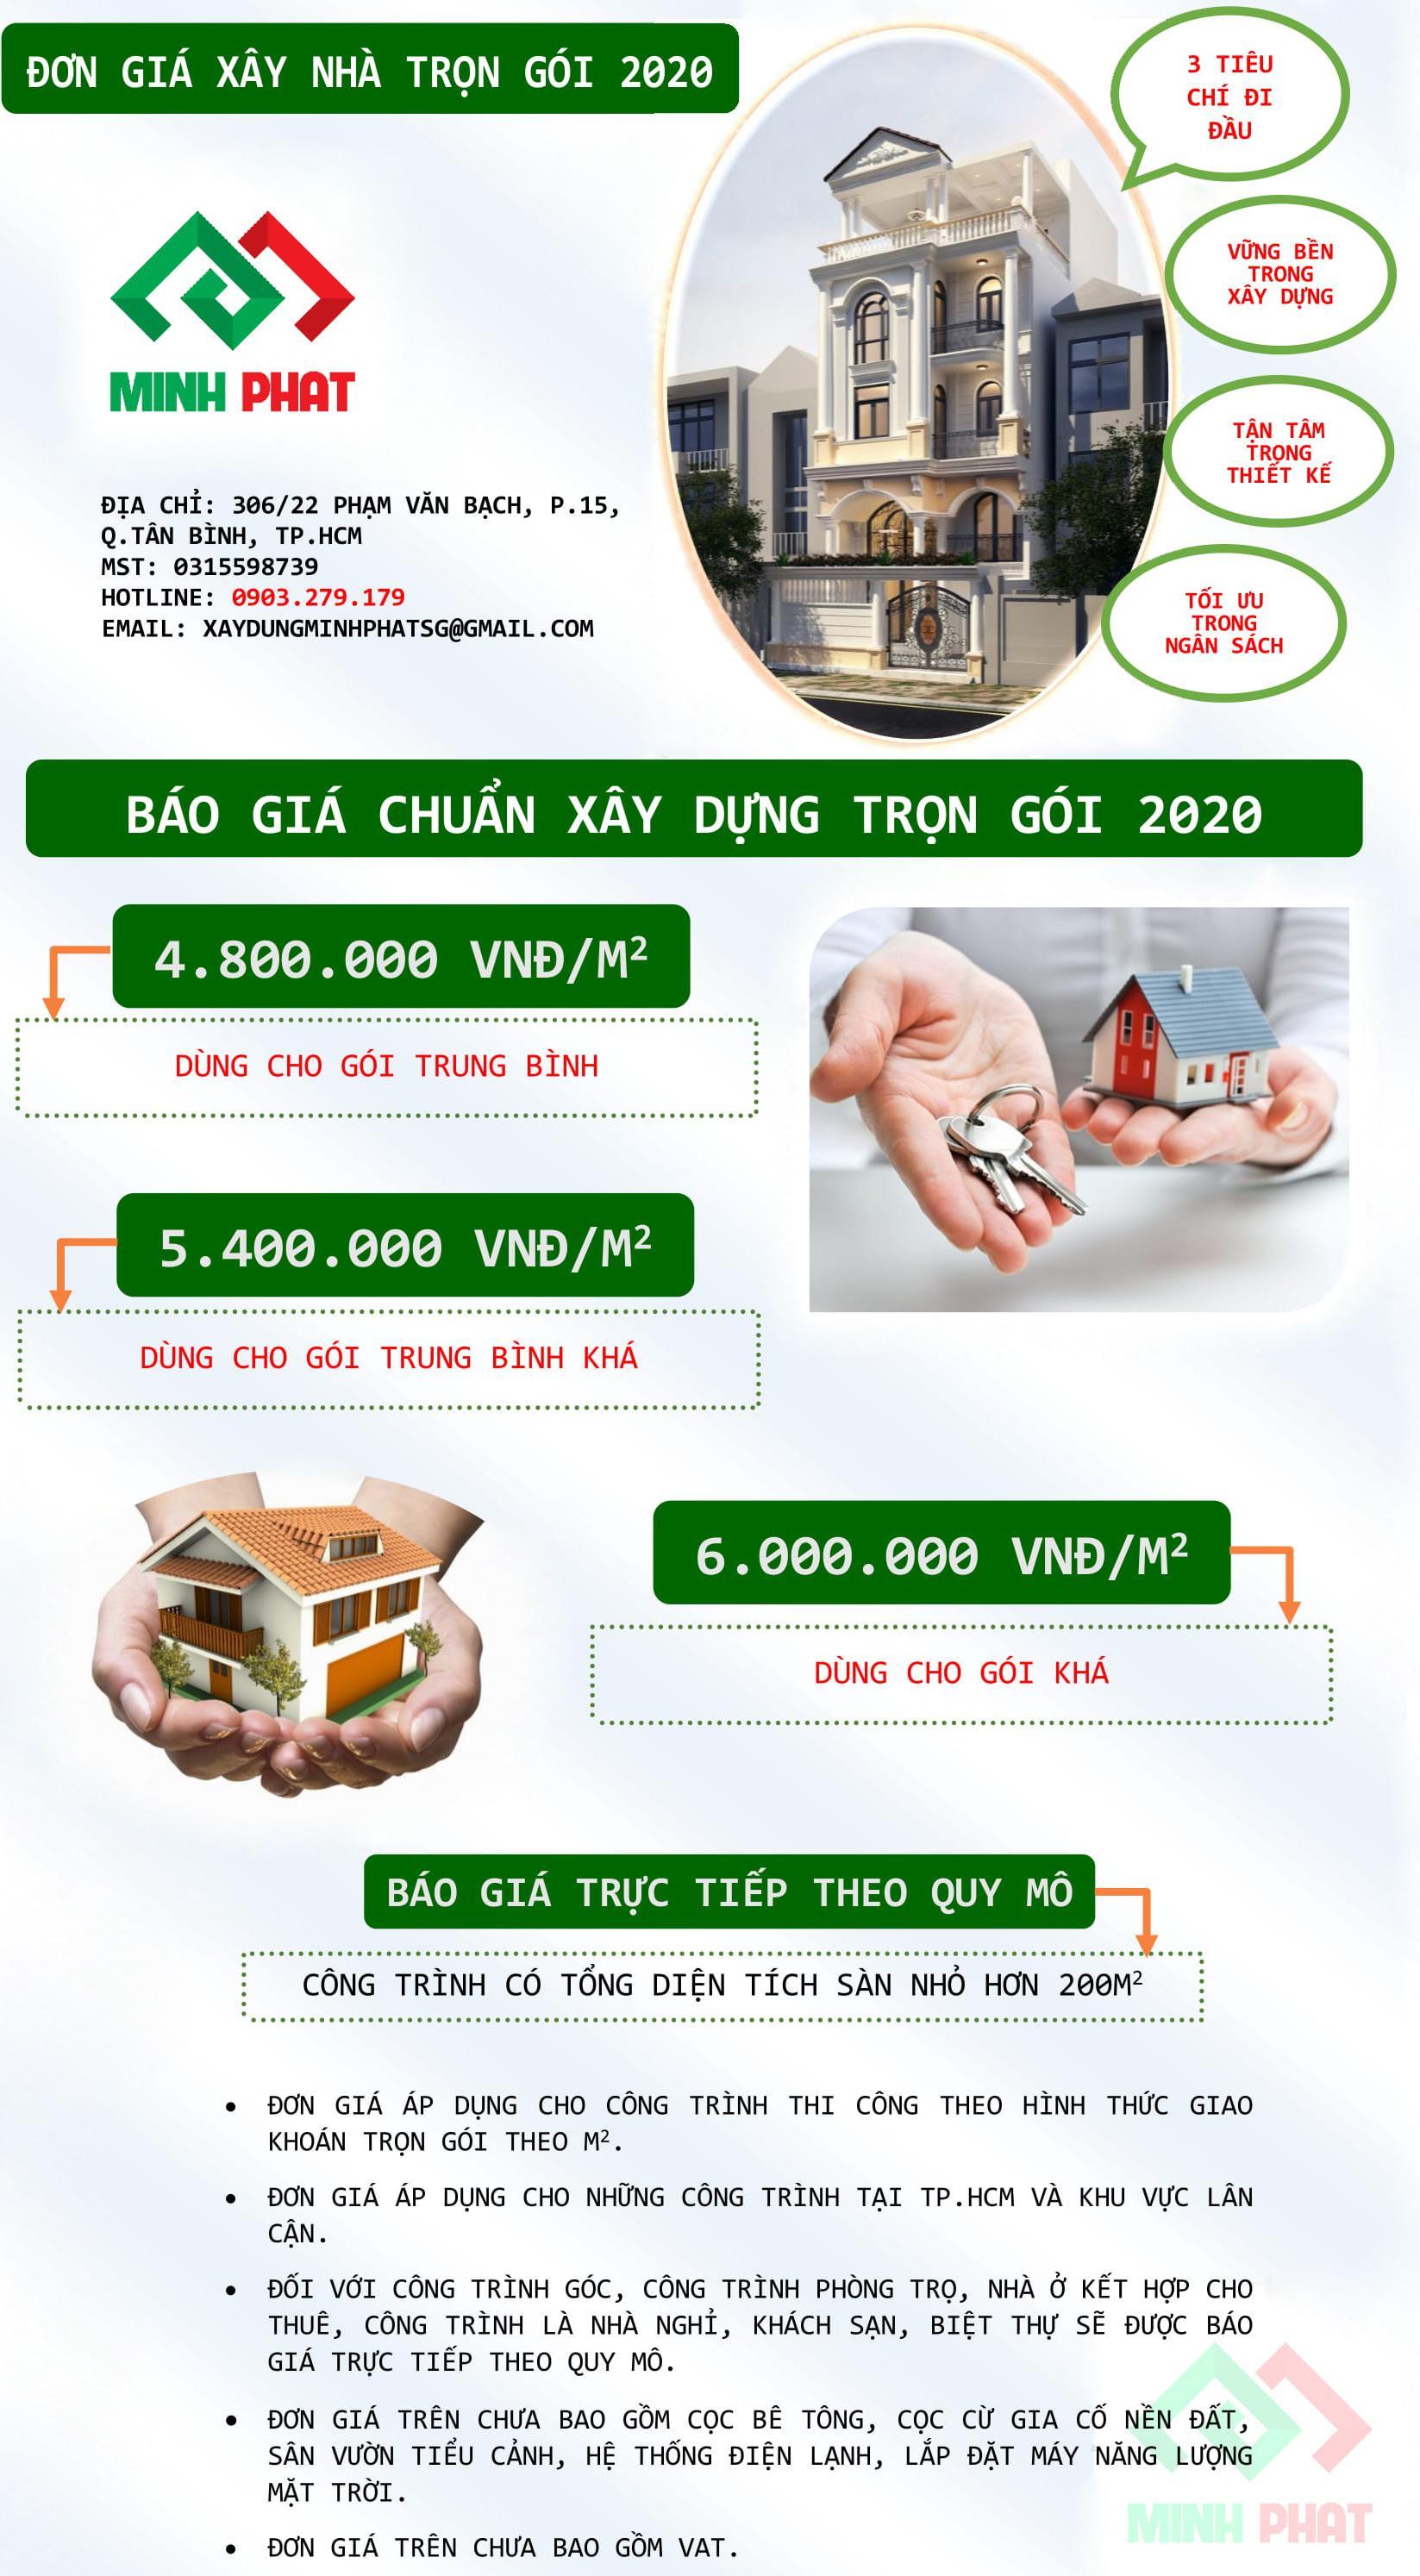 Giá xây nhà trọn gói mới nhất năm 2020 tại TpHCM